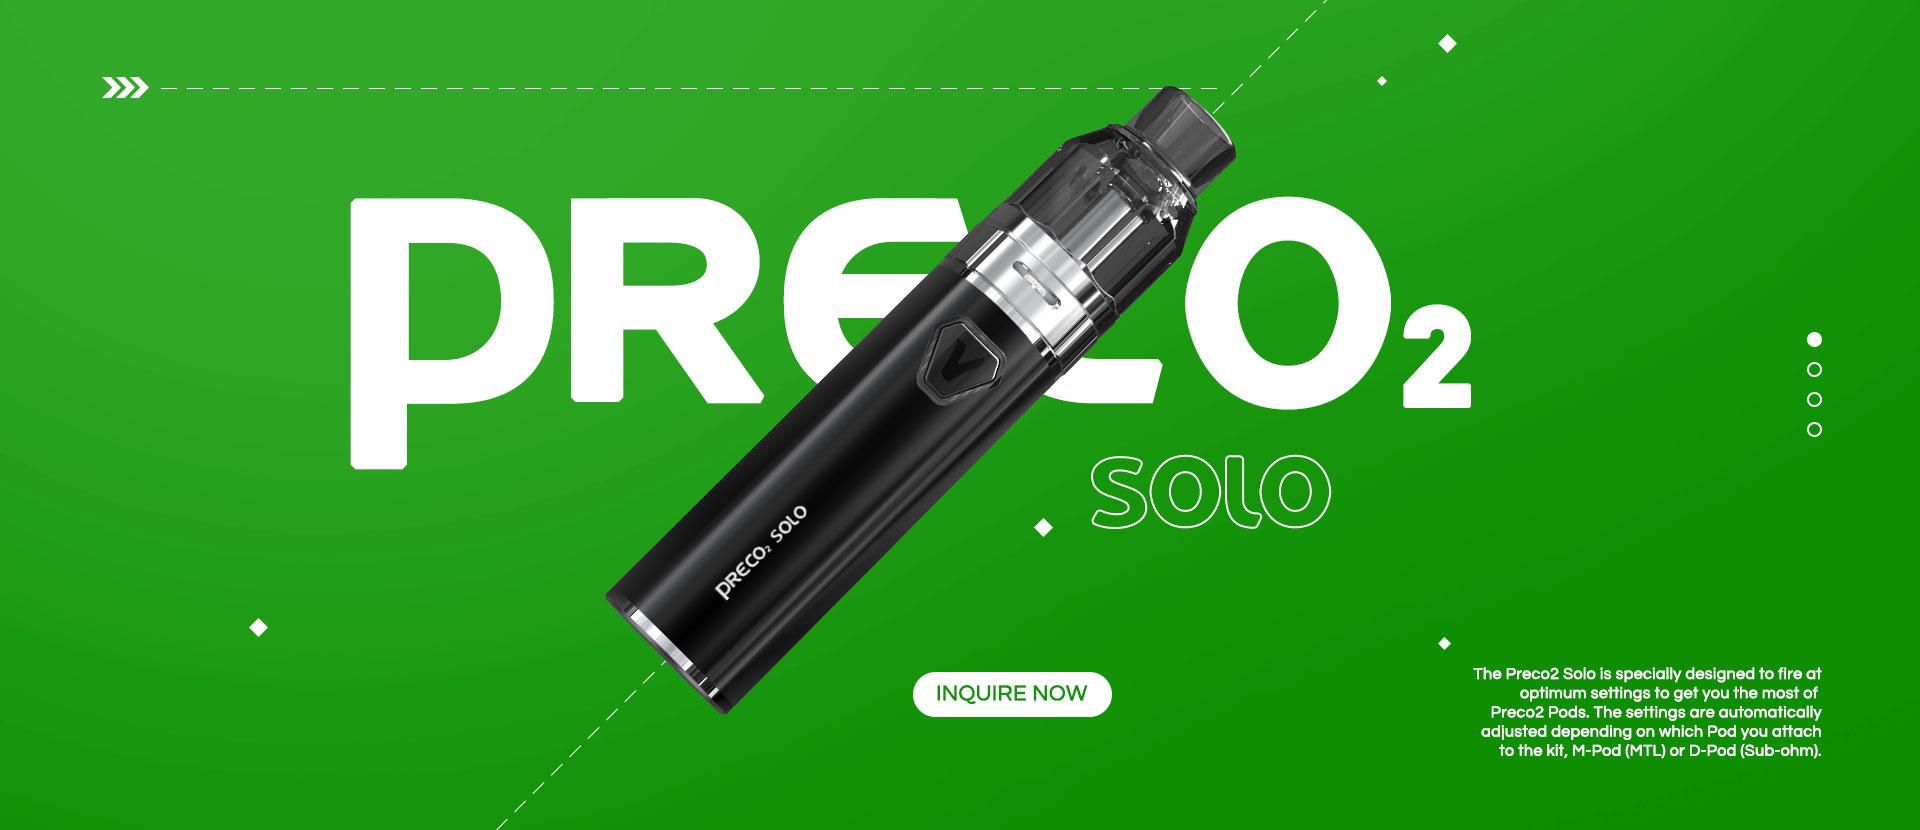 Preco2-solo